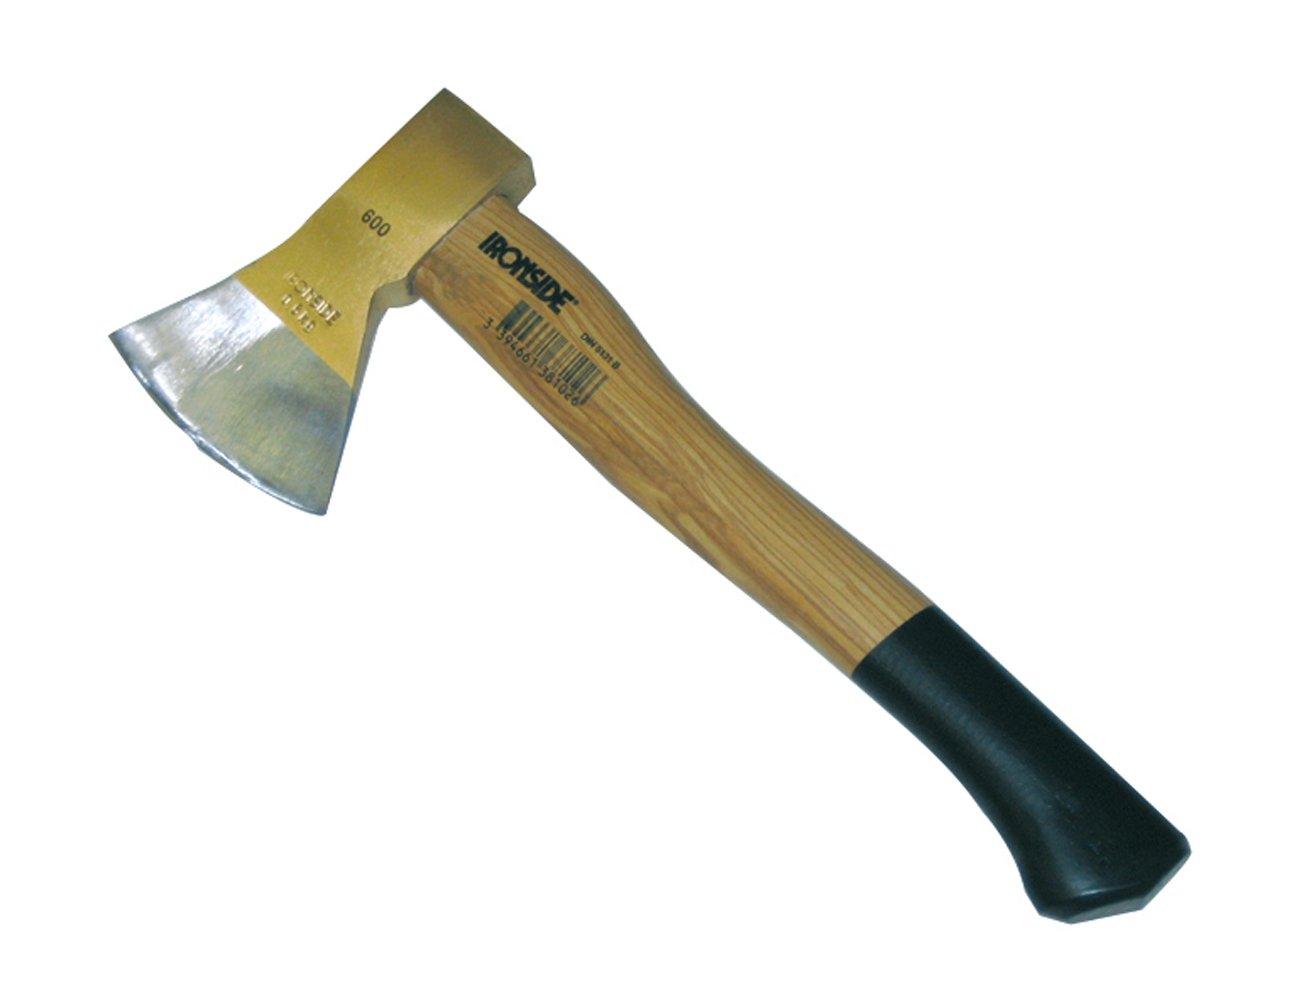 Ironside 138104 - Hacha para jardinería (Madera): Amazon.es: Jardín